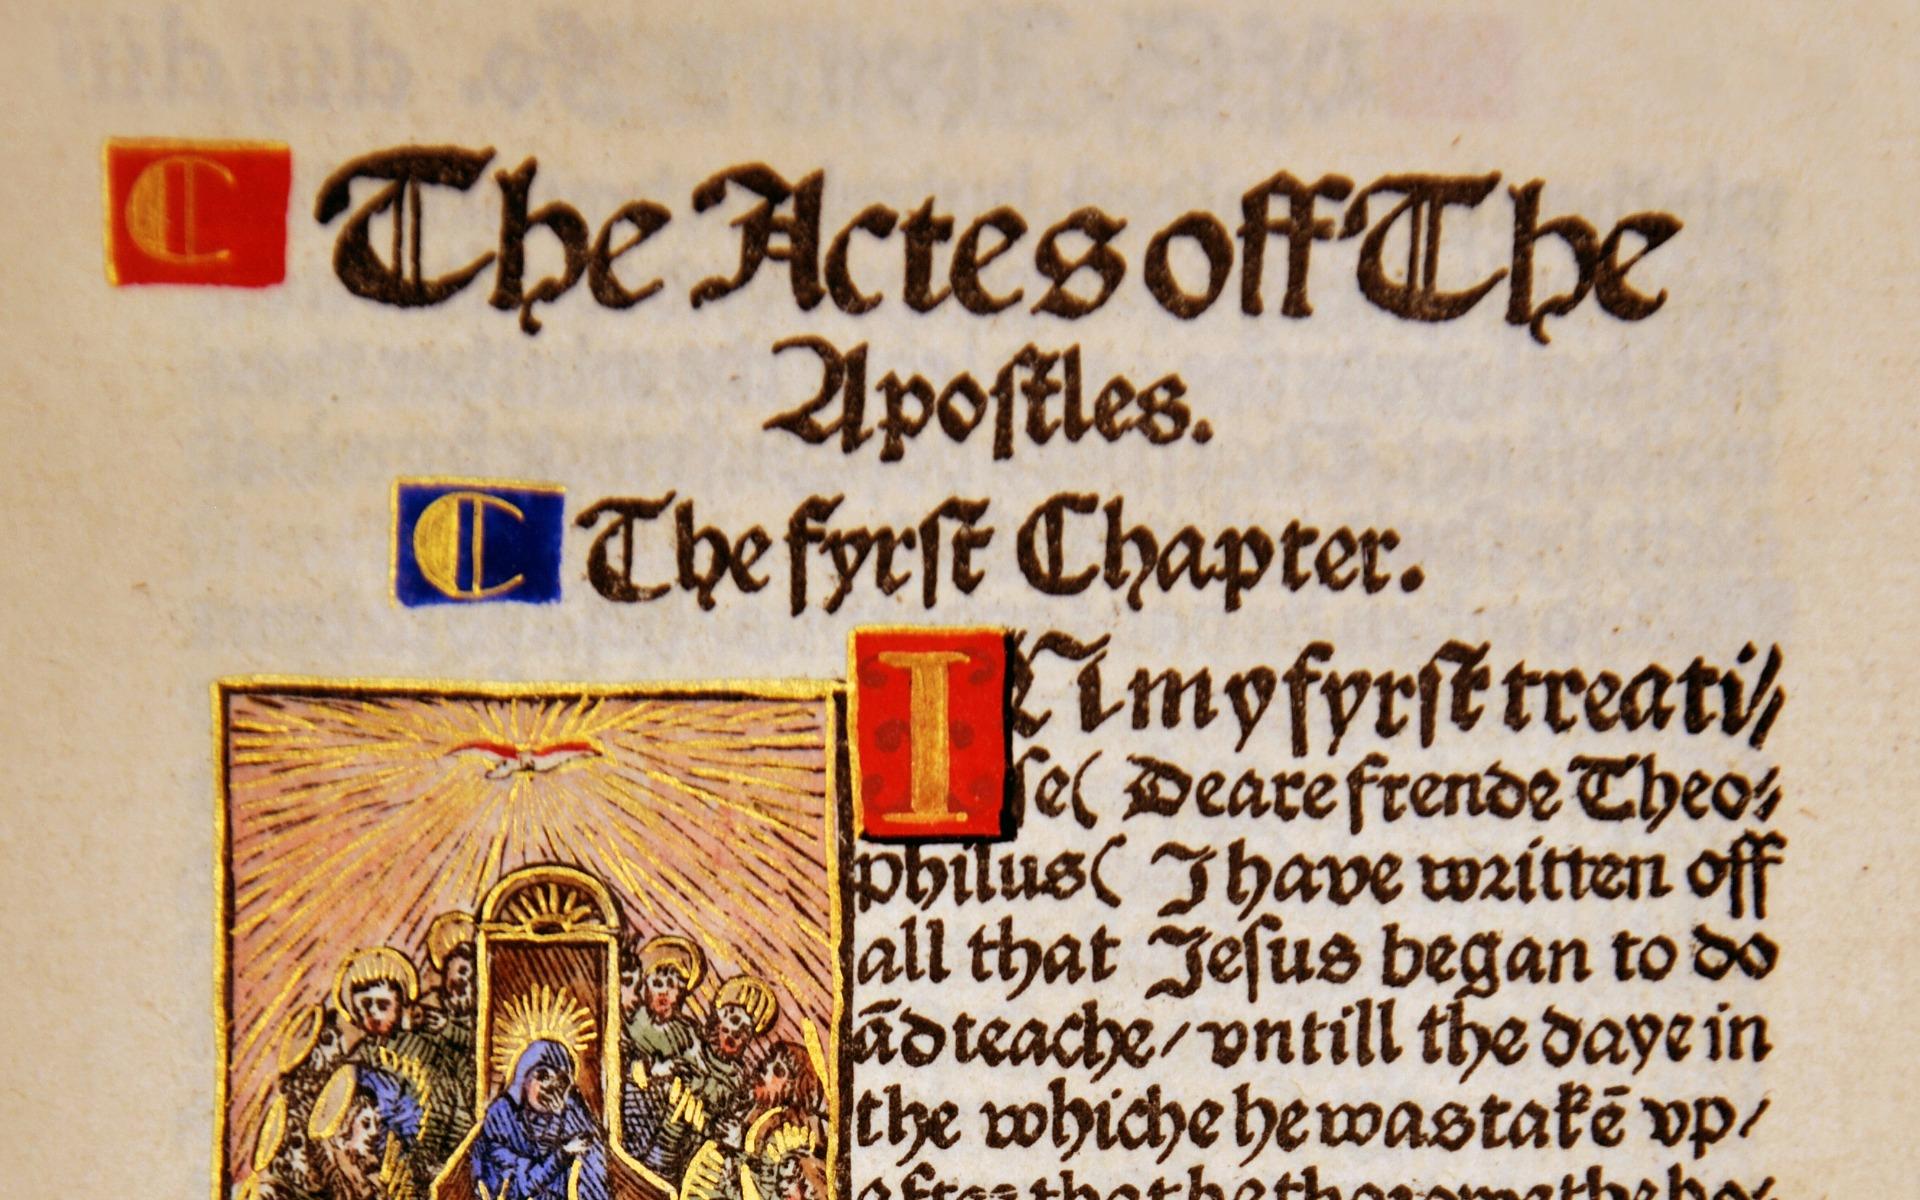 Gospel of Acts